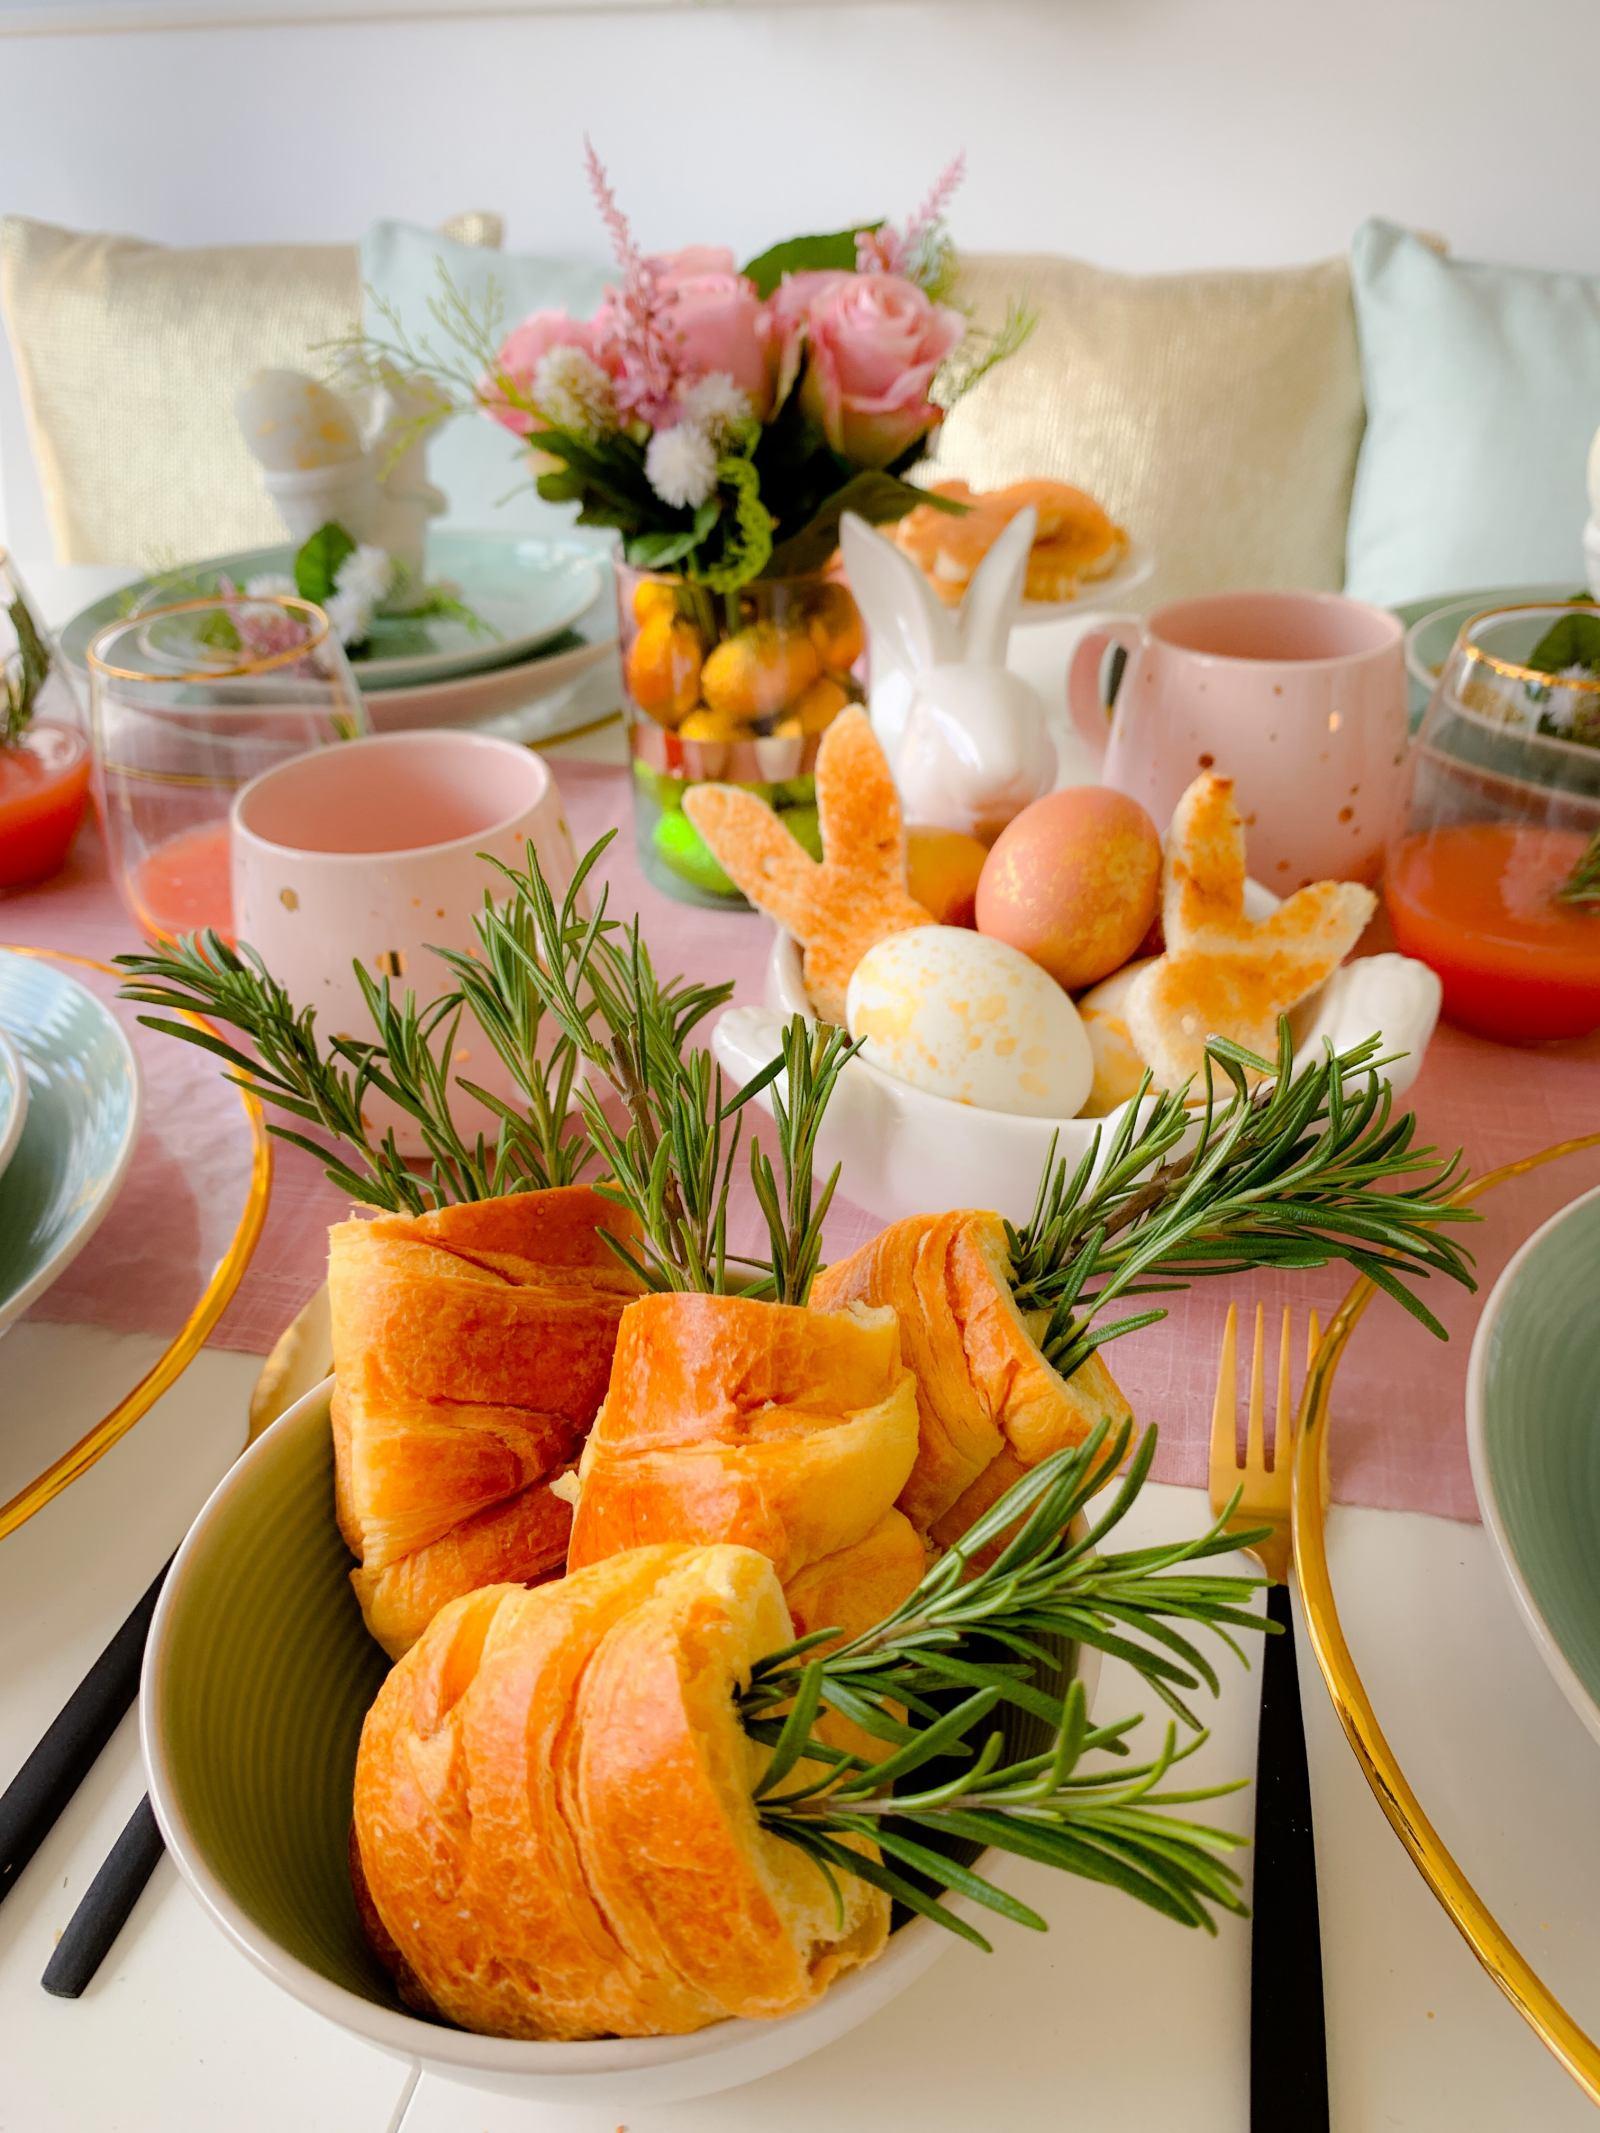 Easter theme breakfast ideas